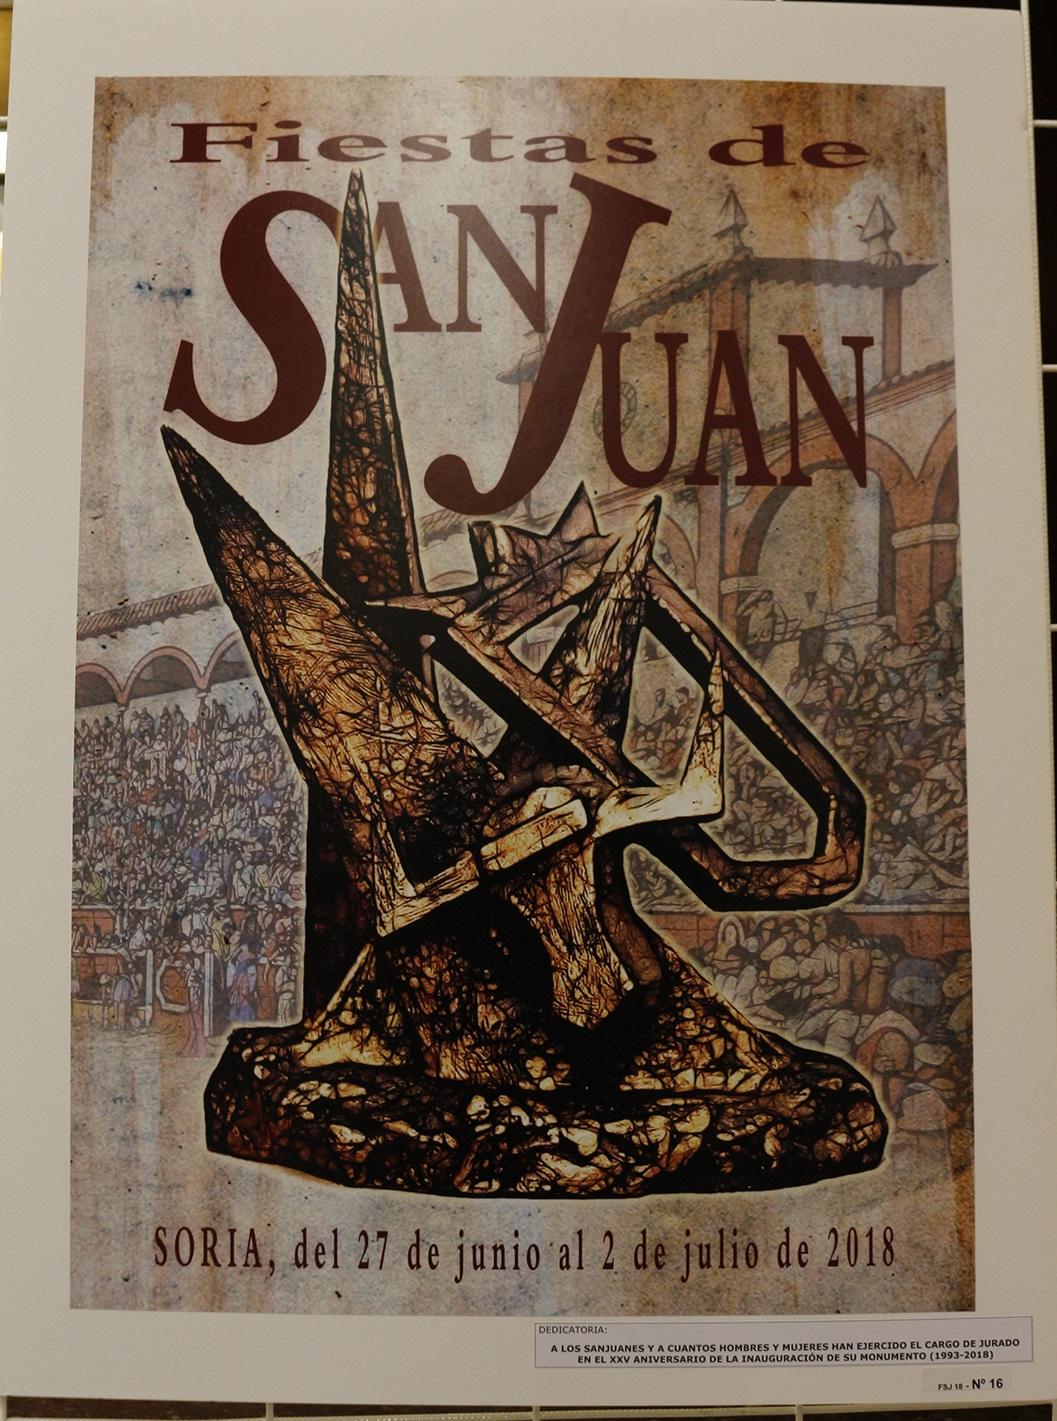 Los 9 detalles que (seguramente) no has visto de los carteles de San Juan  | Imagen 7